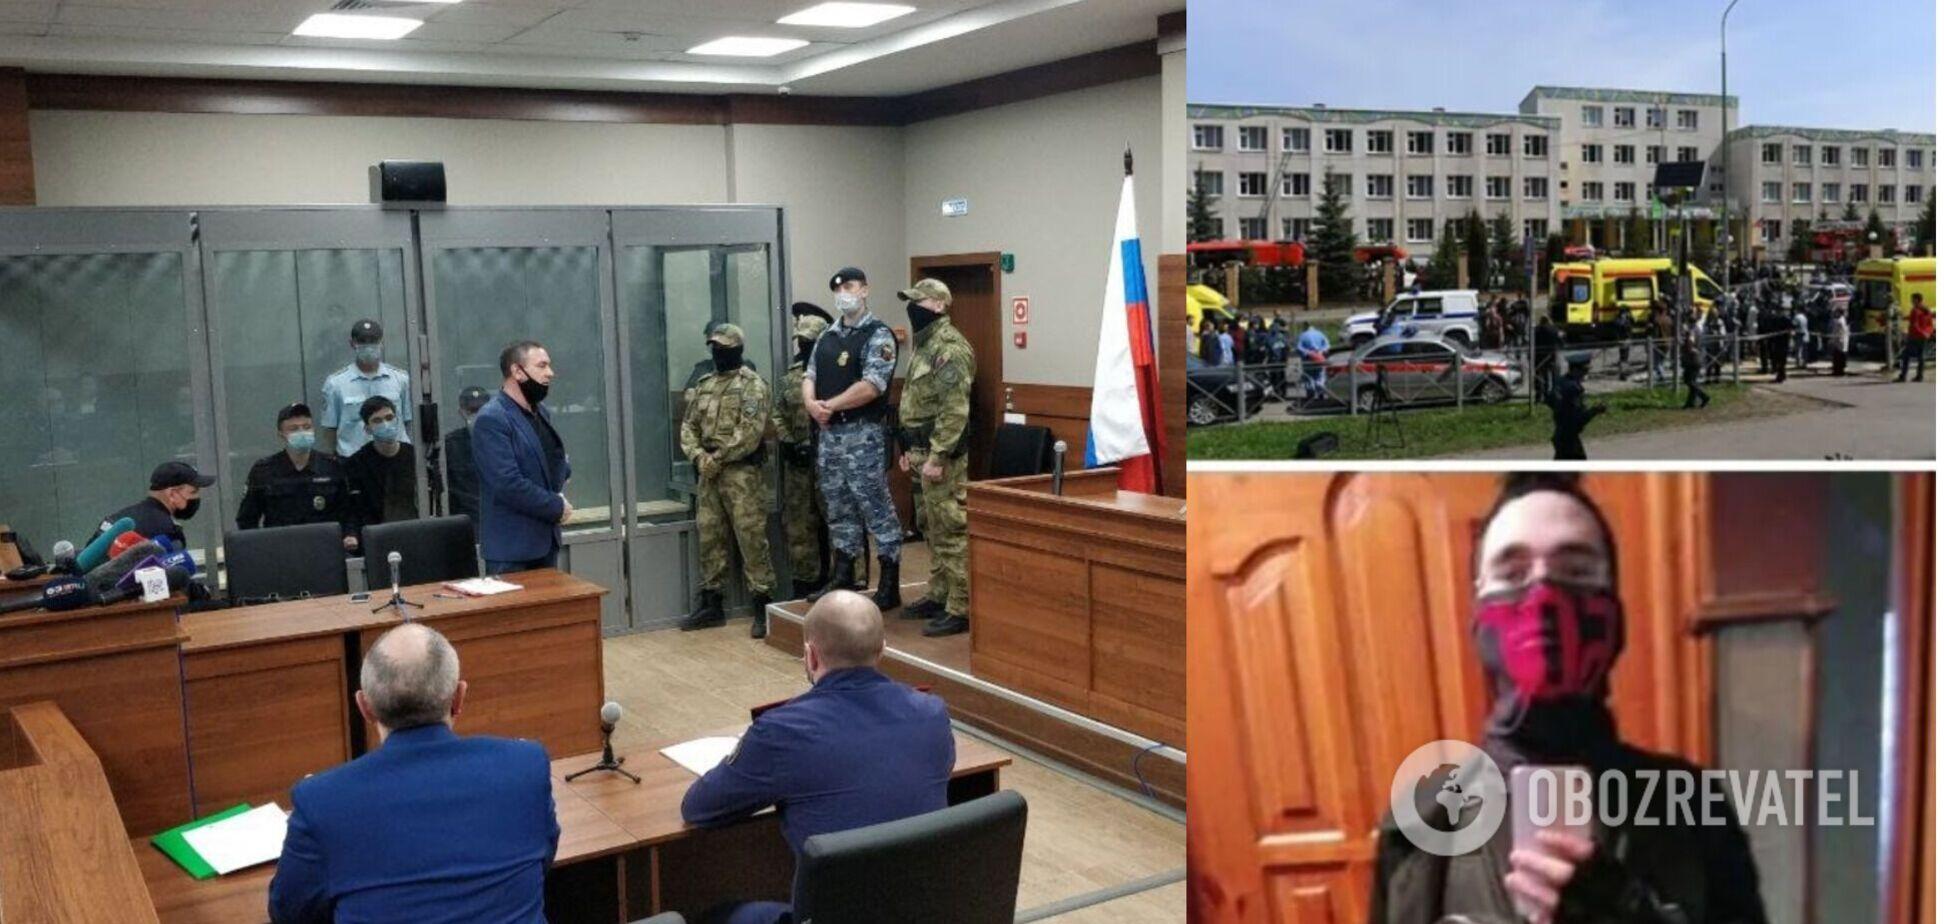 Стрілка, який убив 9 людей у Казані, взяли під варту. Відео